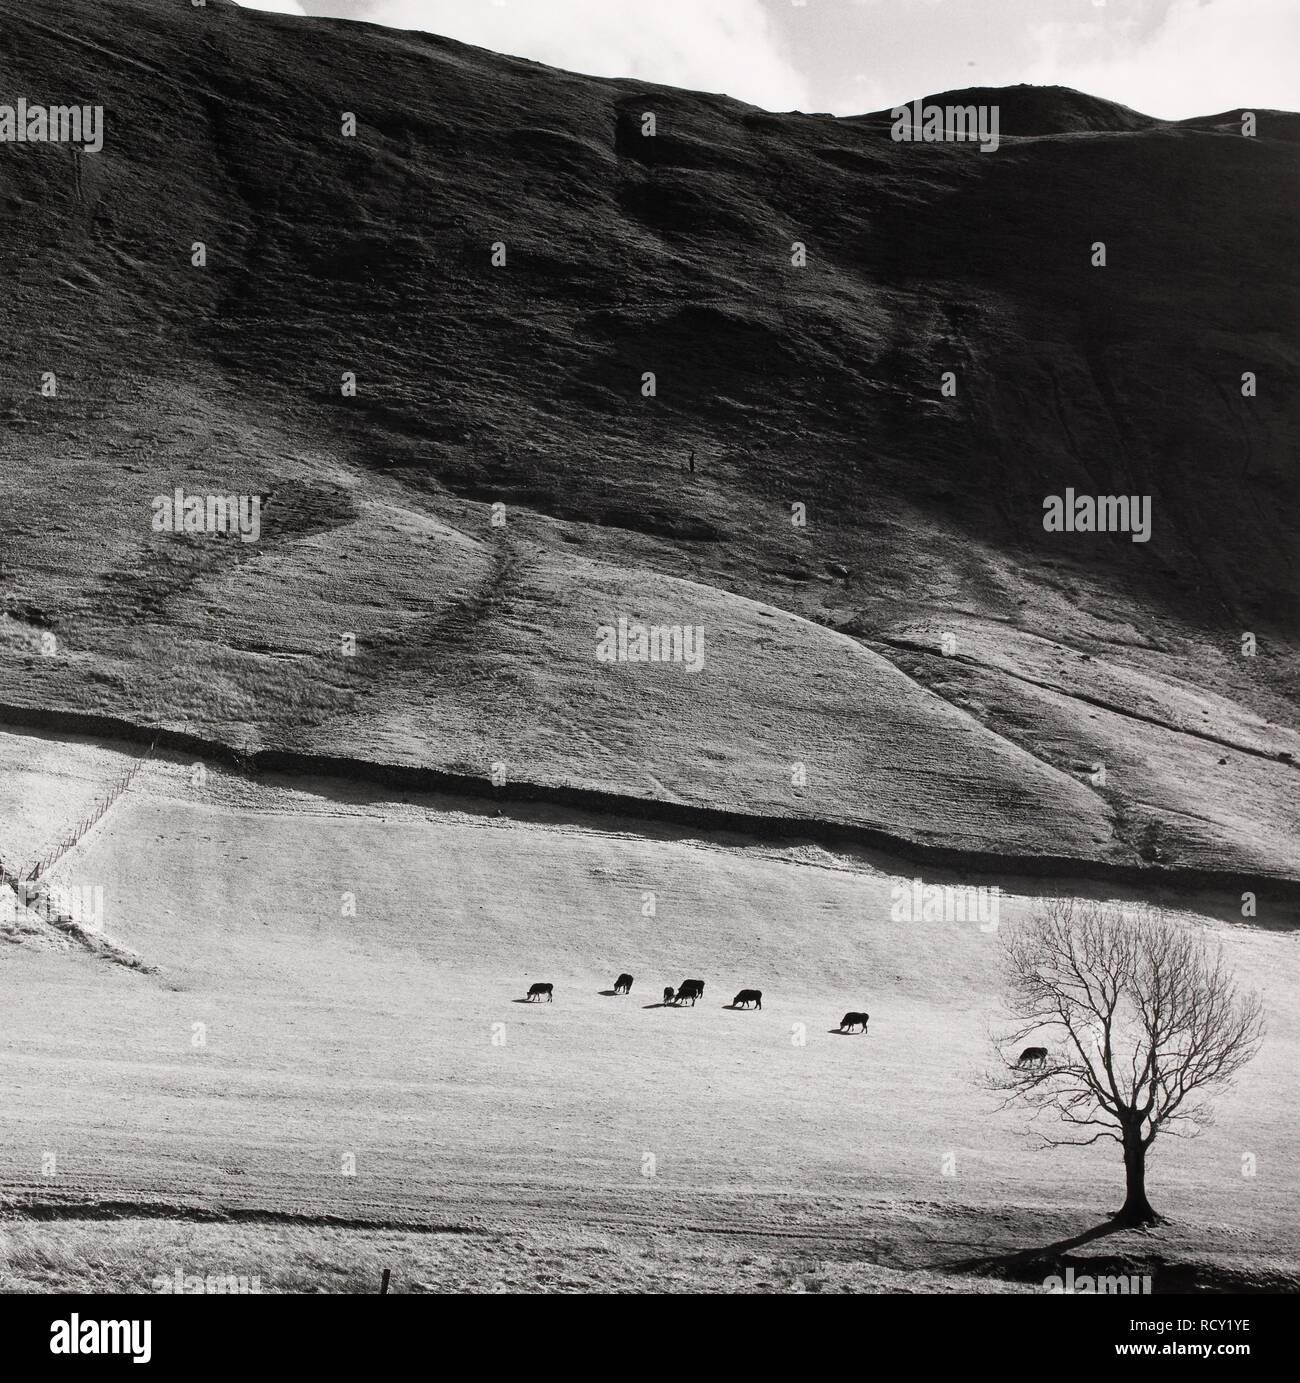 Boardale; Cumbria 1982. Monochrome. Source: FG5294-6. Stock Photo